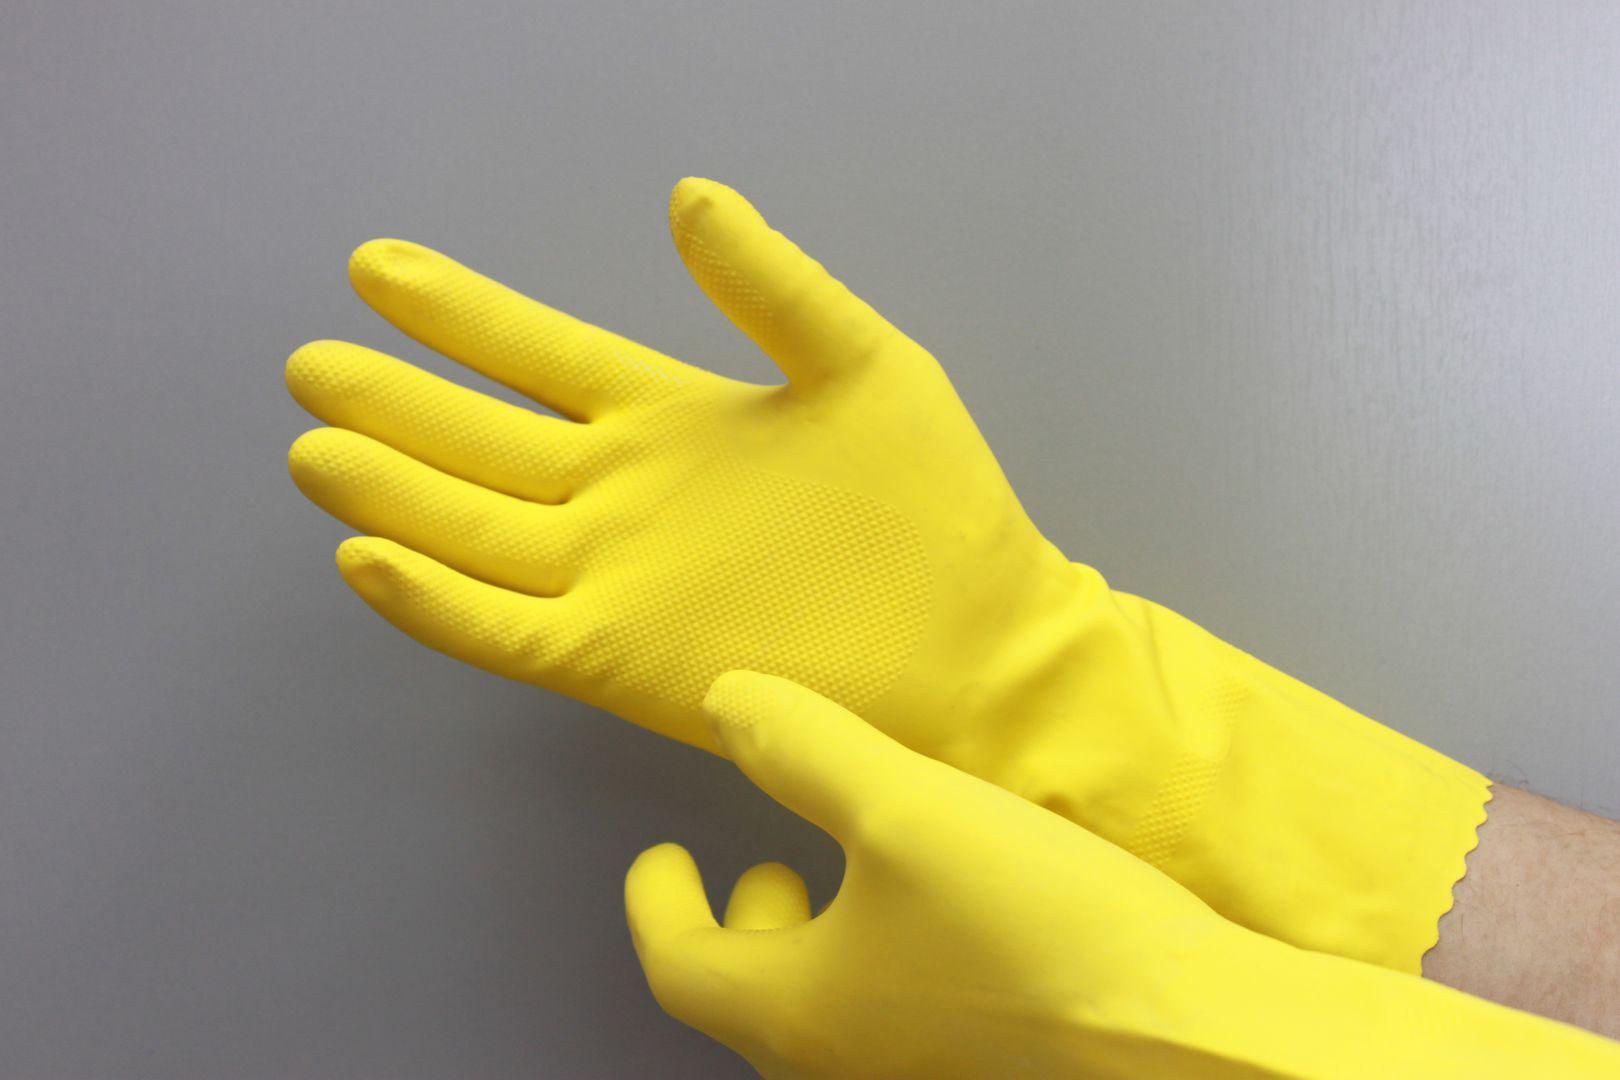 Как выбрать перчатки для работы?